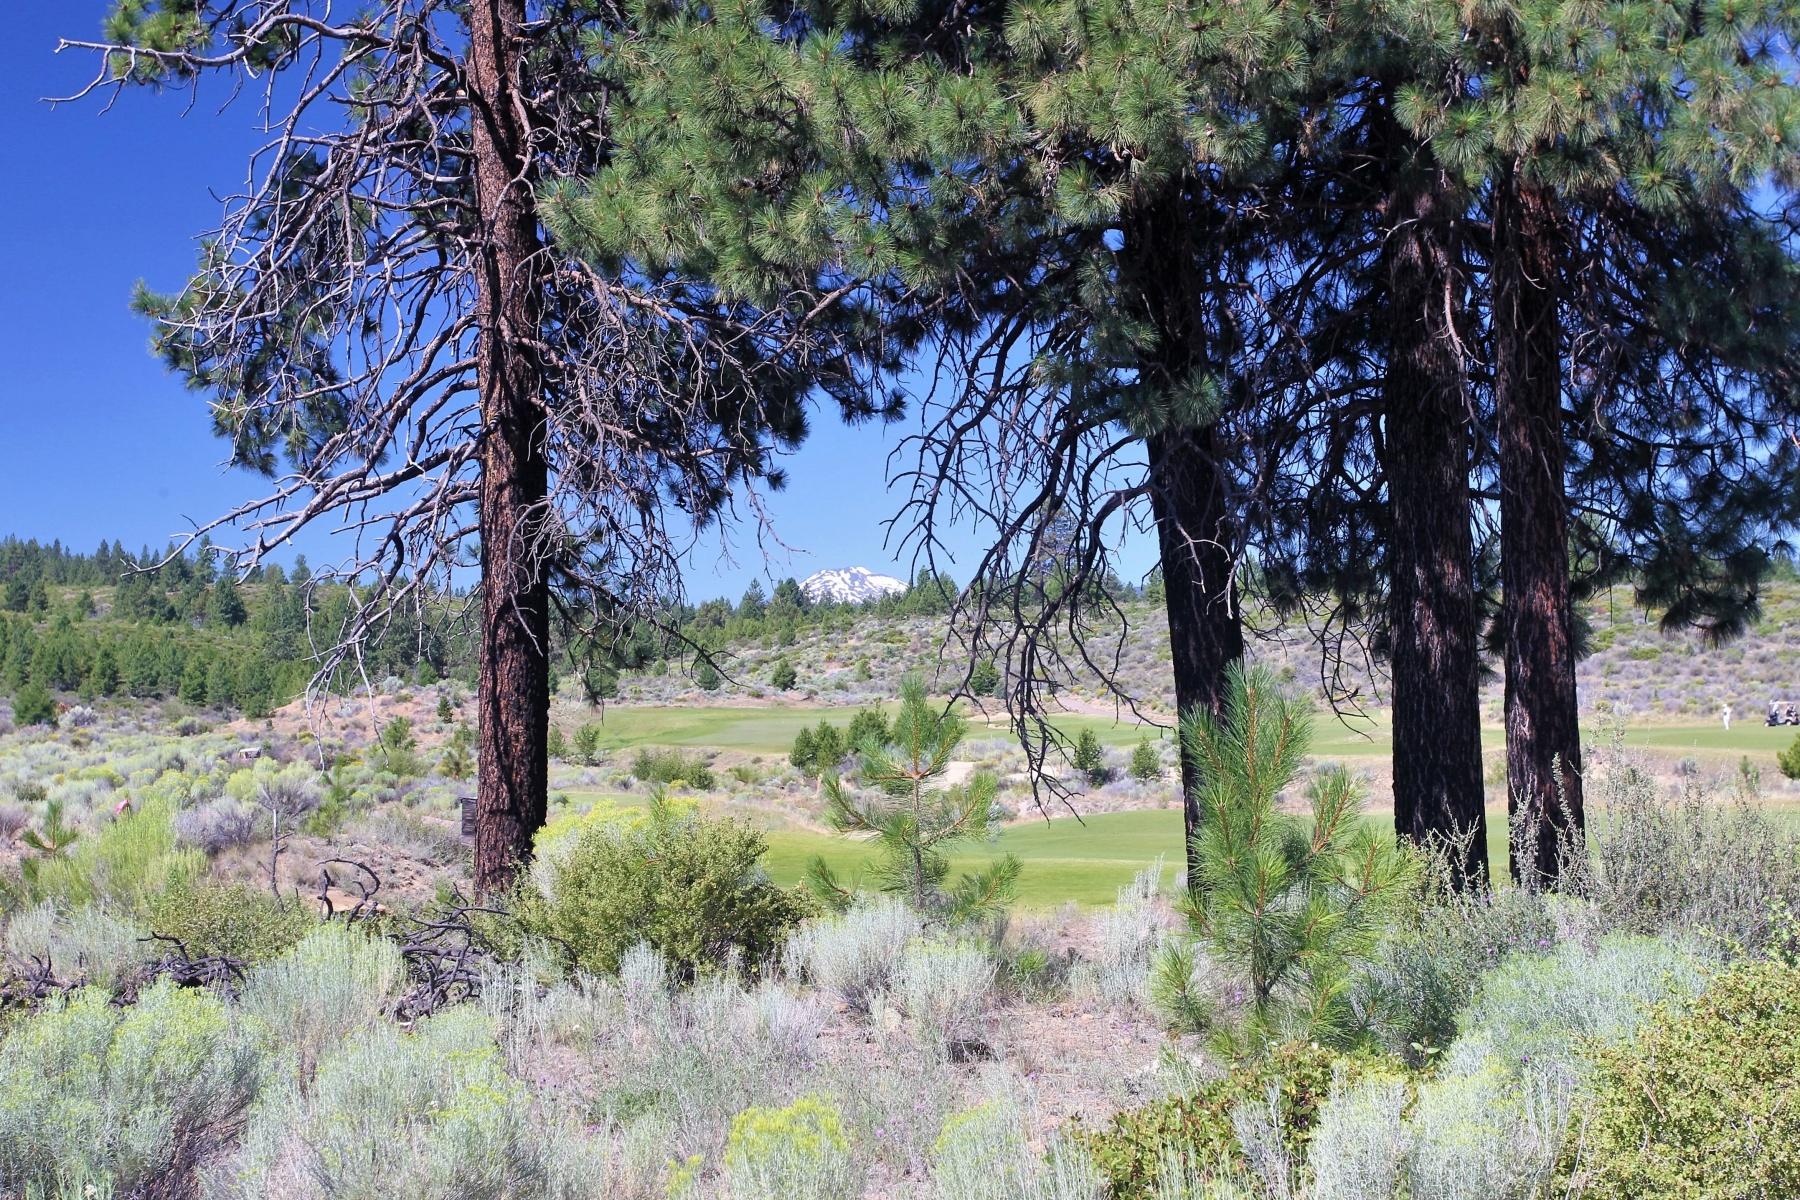 Terreno por un Venta en Premier Tetherow Lot wViews 61551 Hardin Martin Ct Lot 208 Bend, Oregon, 97702 Estados Unidos